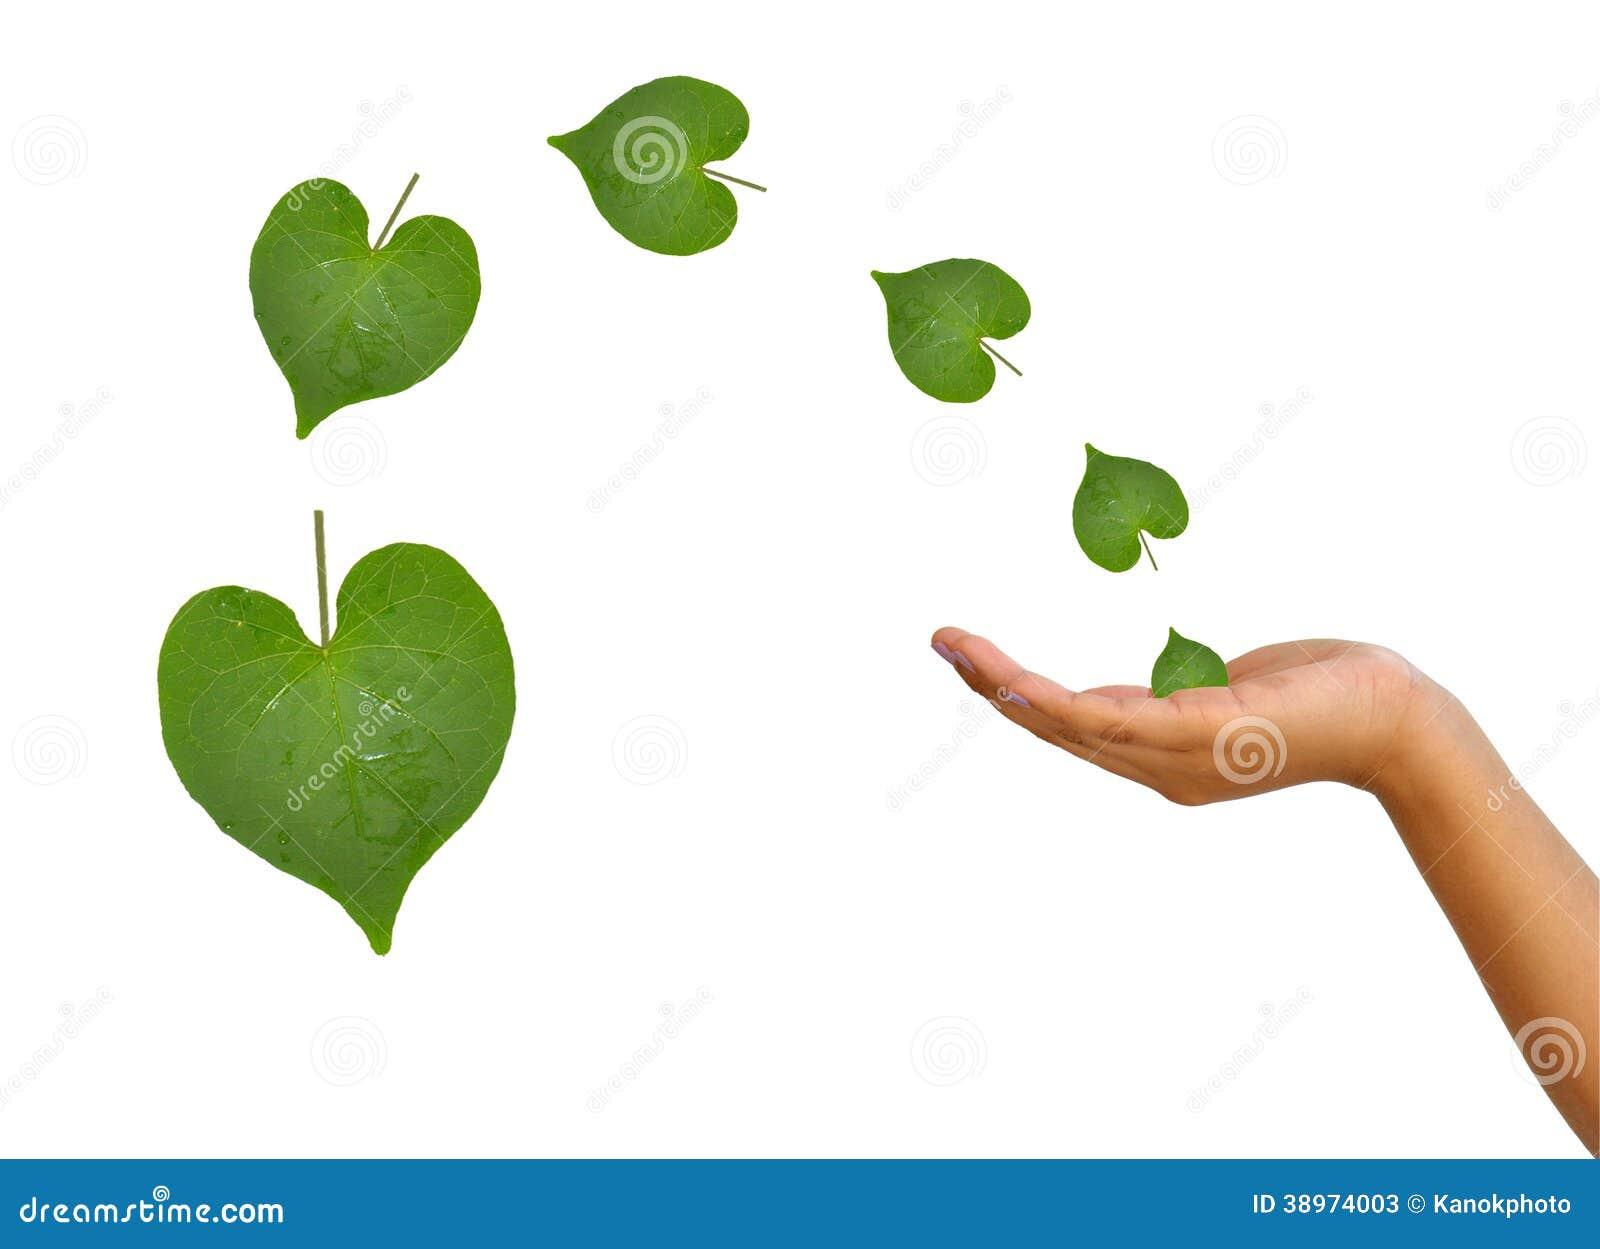 拿着从叶子的手心脏图片